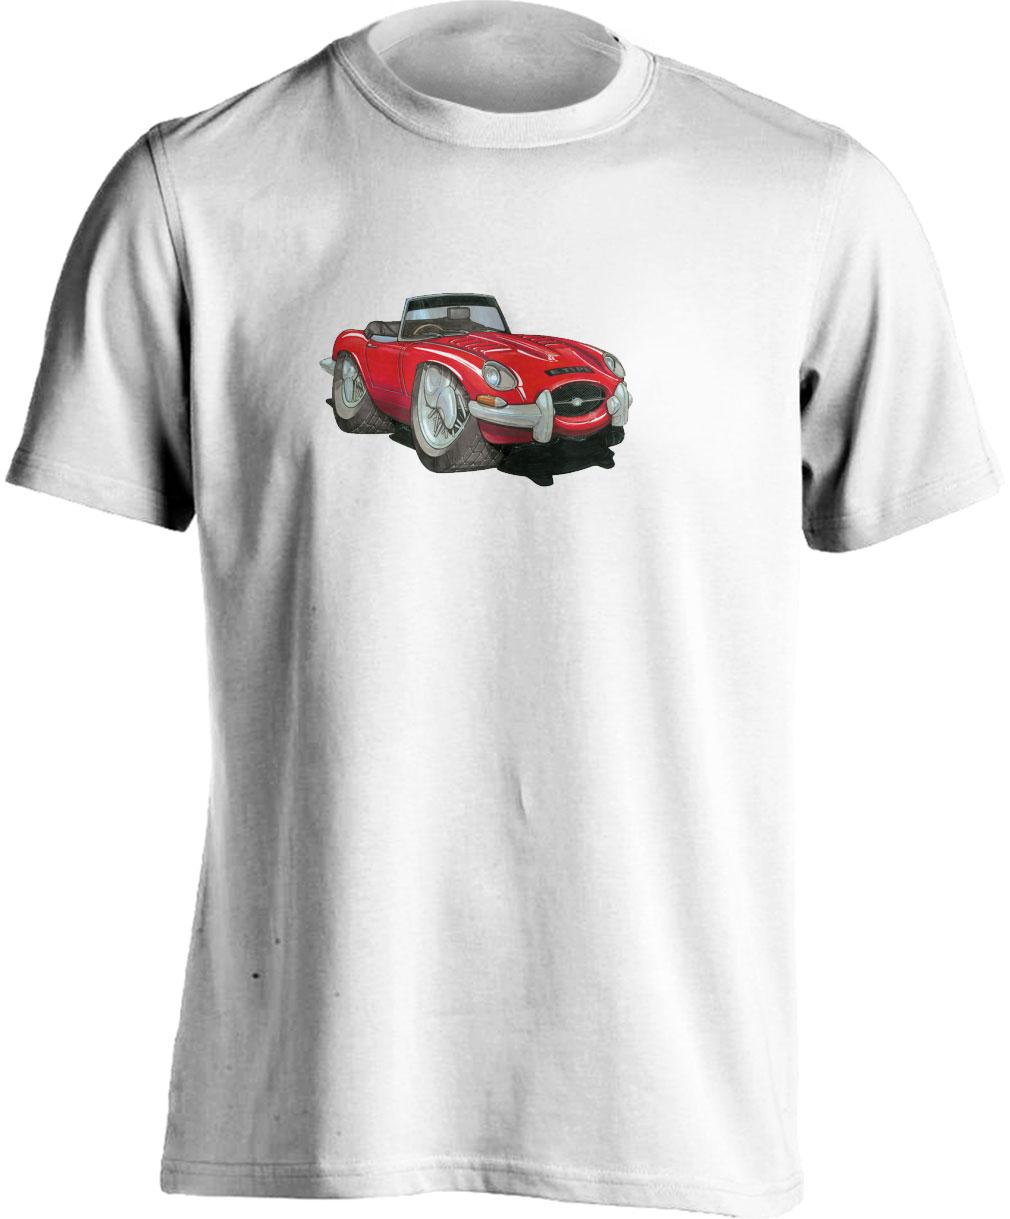 Koolart E-Type 0723 T Shirt